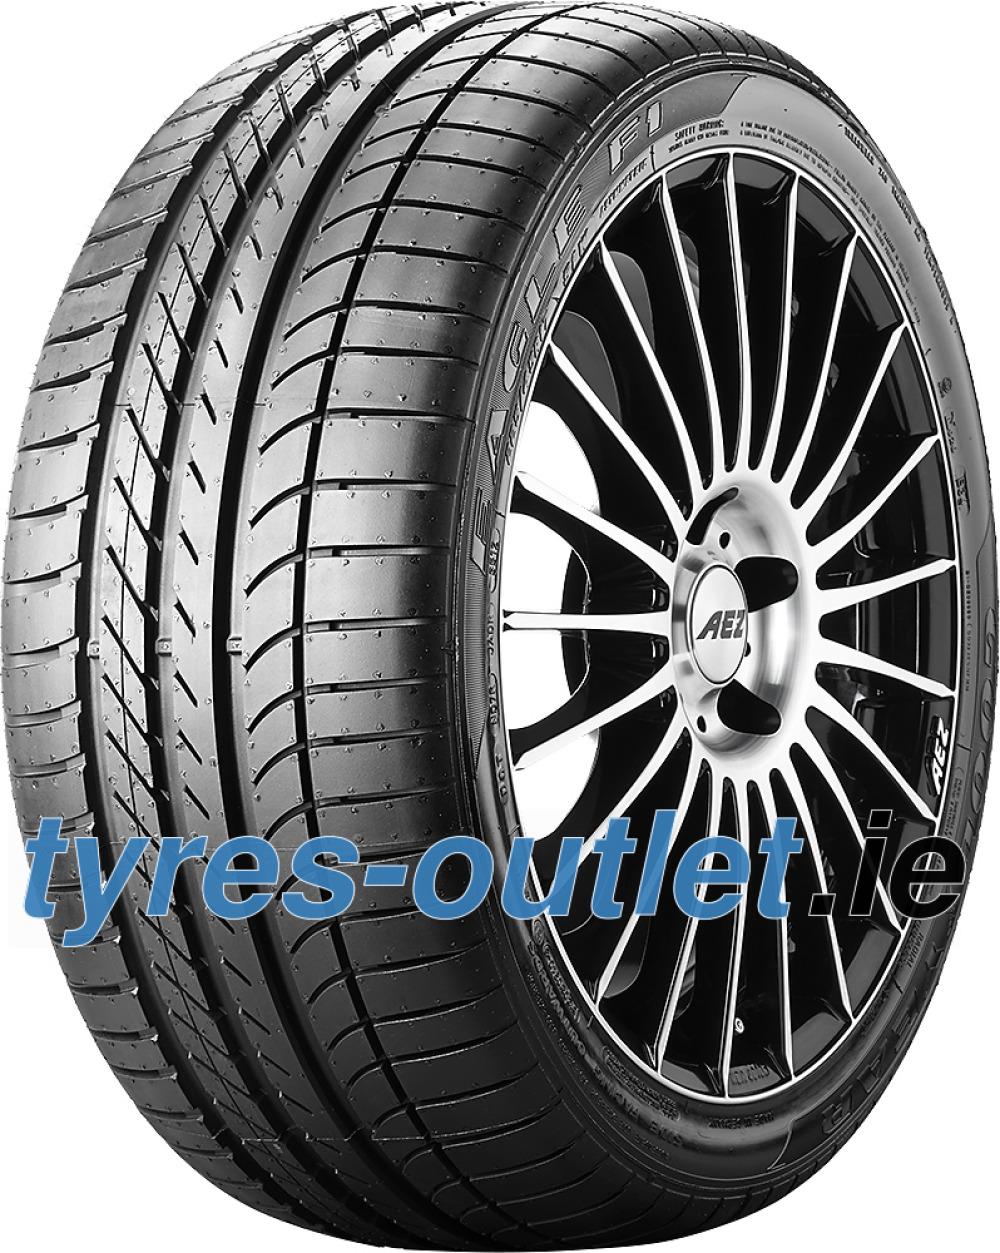 Goodyear Eagle F1 Asymmetric ( 275/45 R20 110Y XL with rim protection (MFS), AO, SUV )